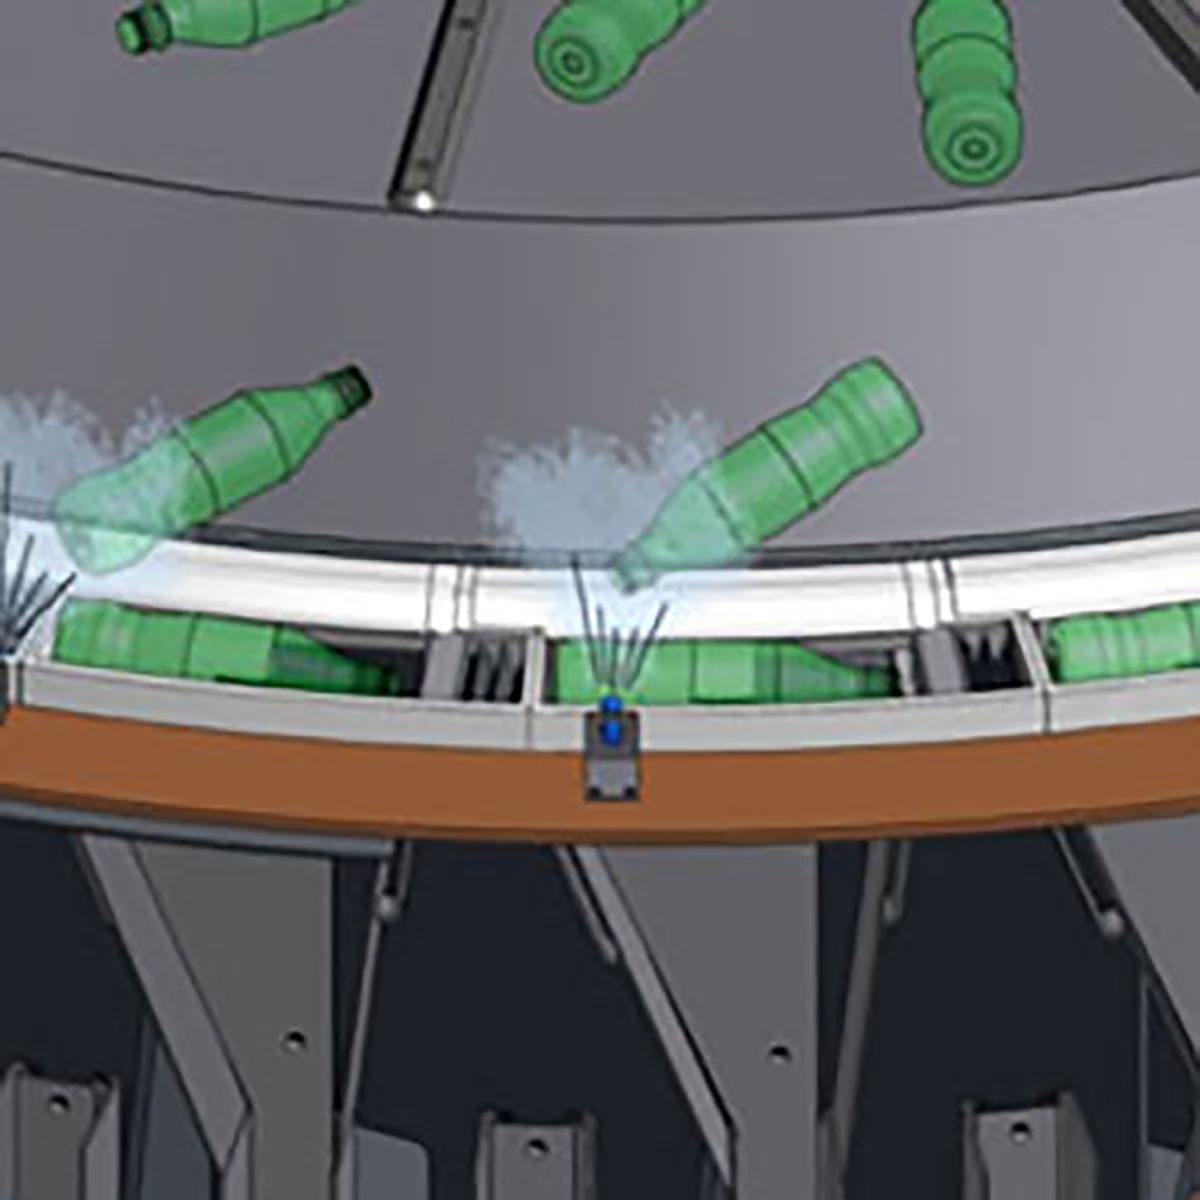 压缩空气节省系统